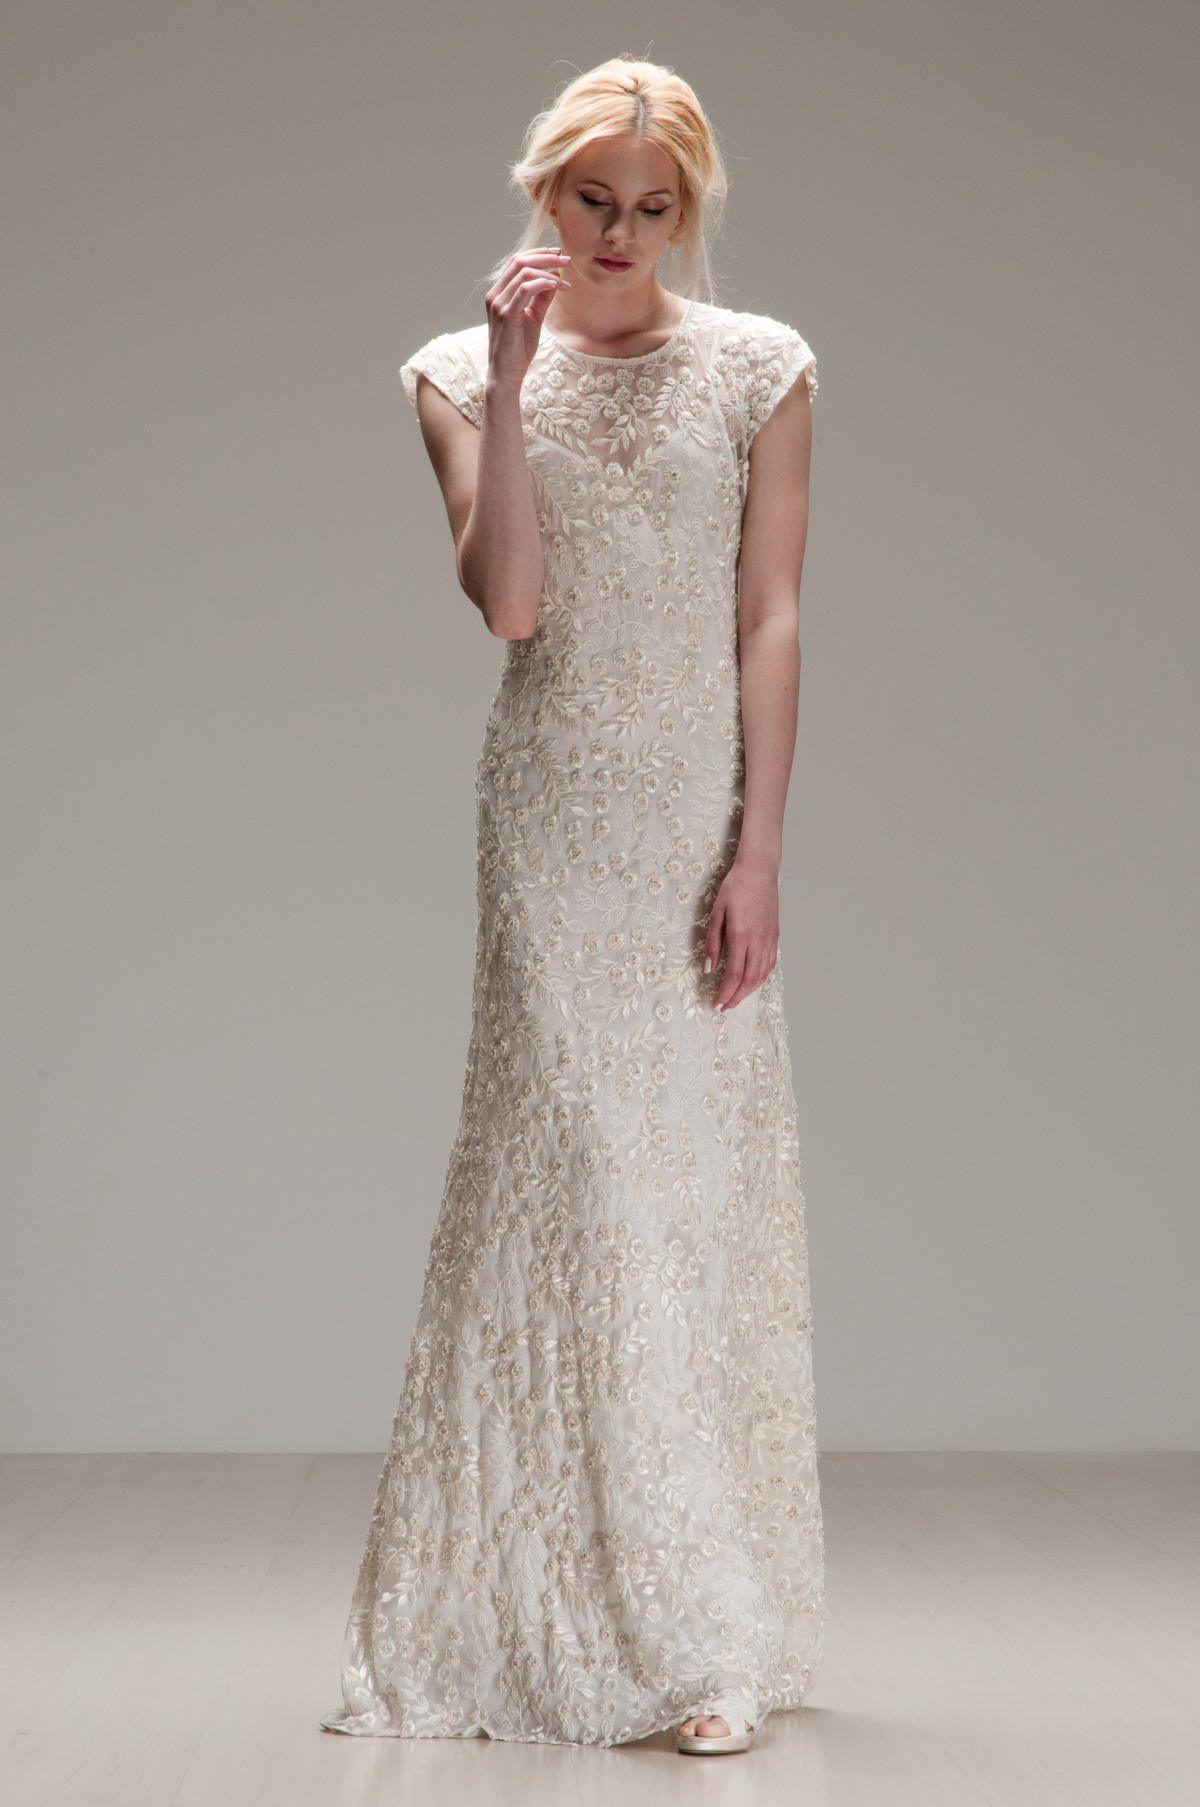 f29aee5b1 Mujeres que inspiran nuestros vestidos de novia – part.2 | Photo ...